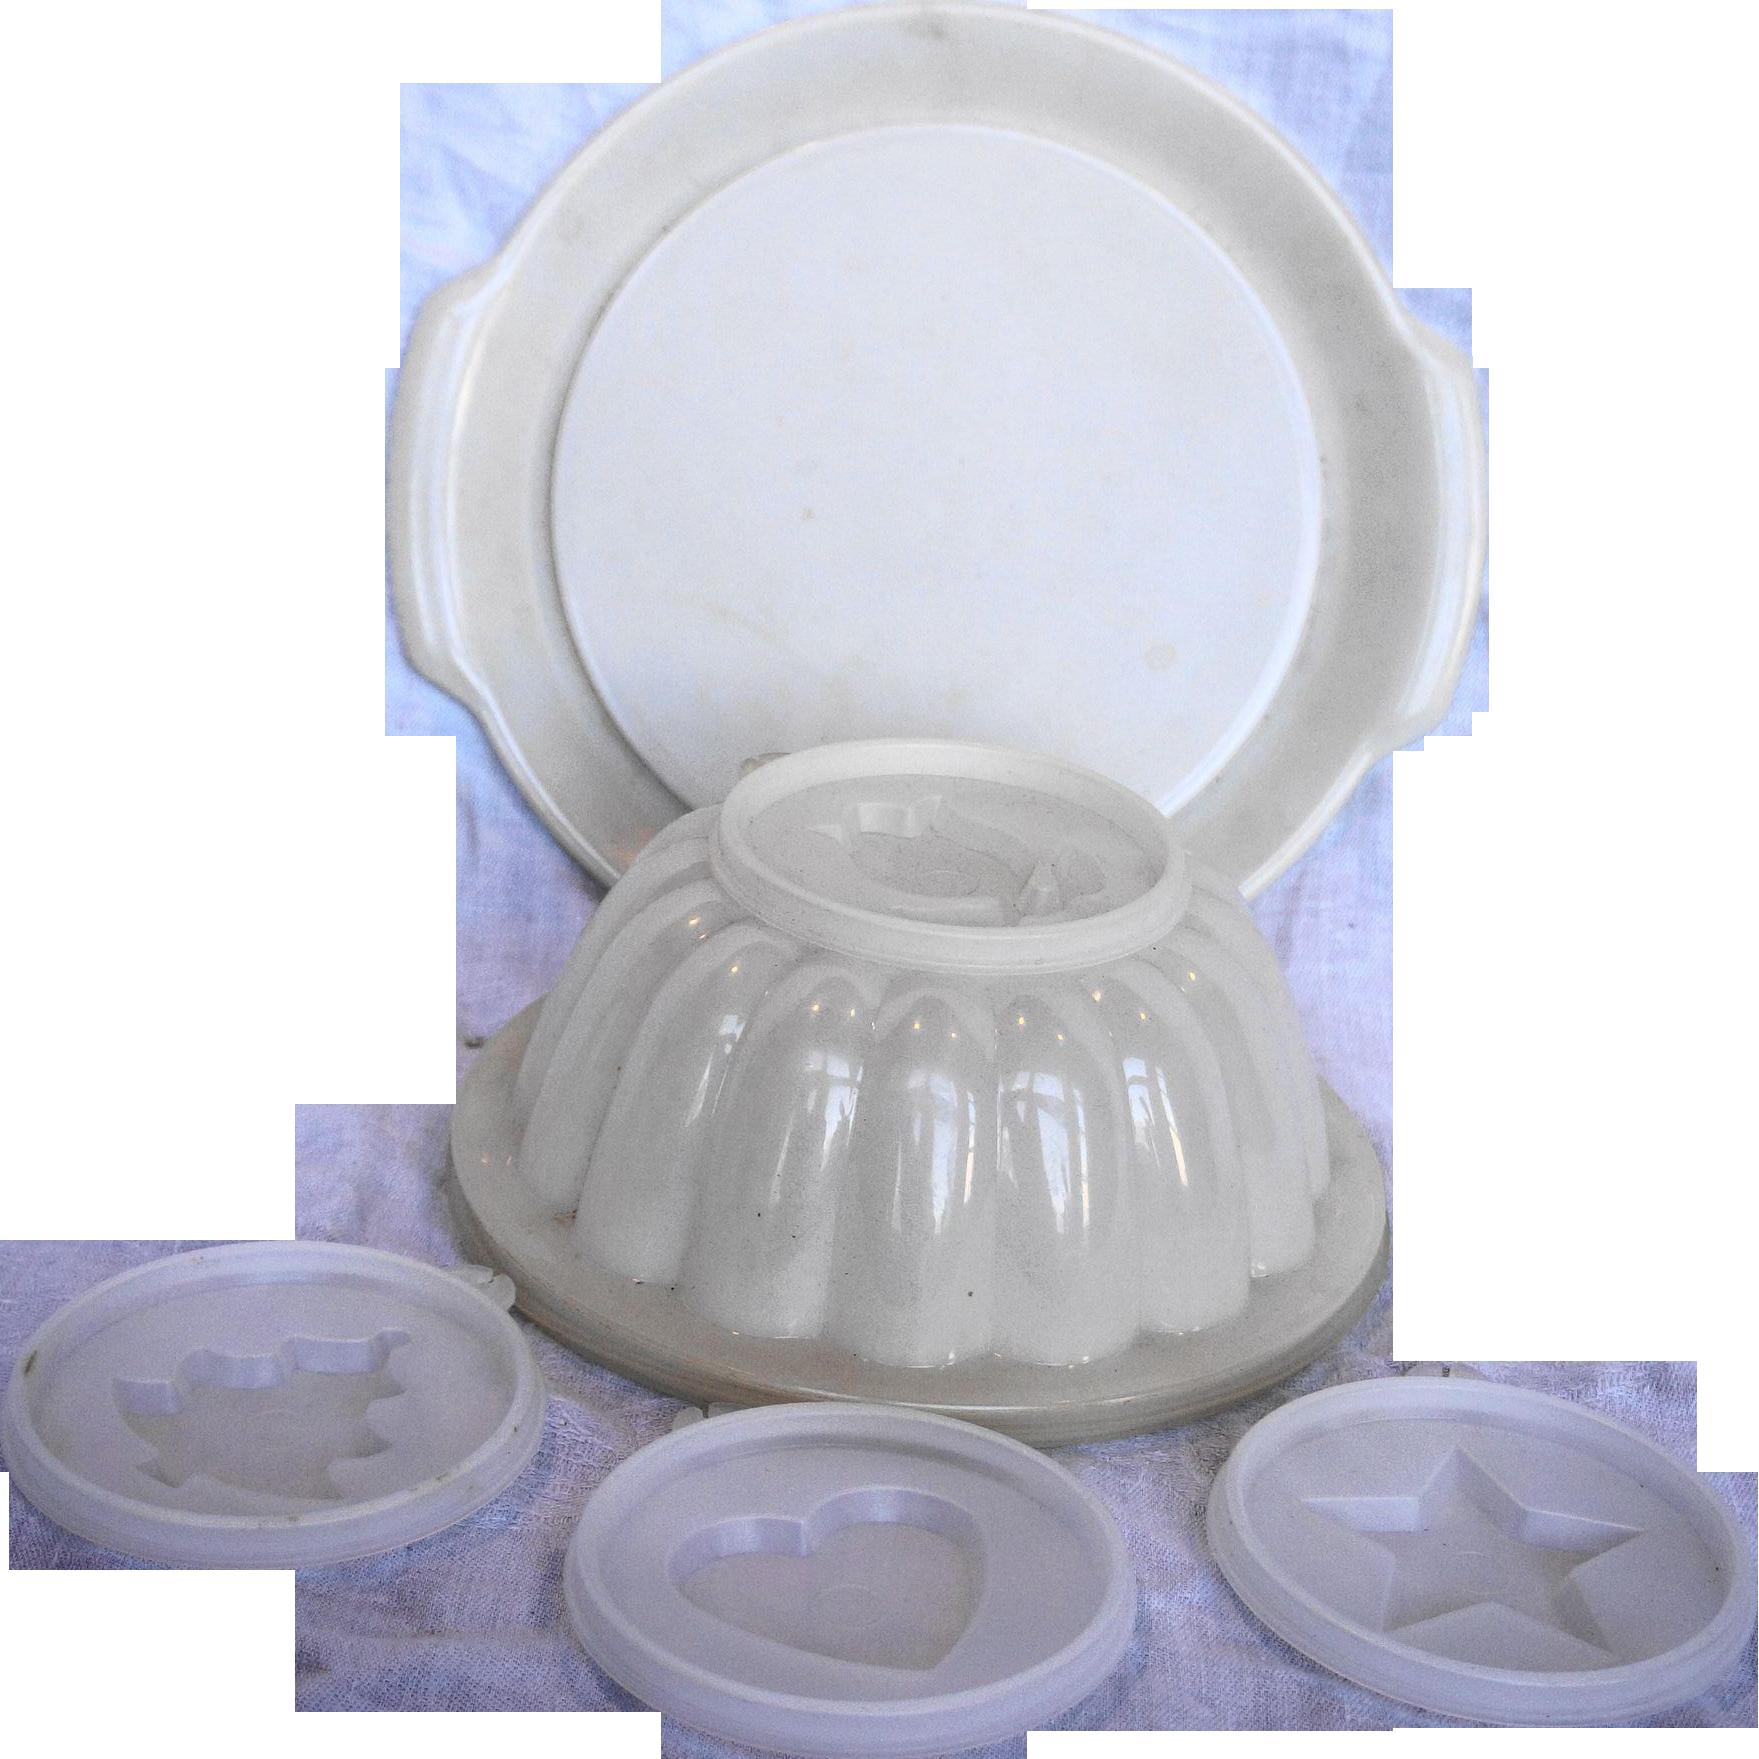 Tupperware Jel N Serve Sheer White Mold Set 1978